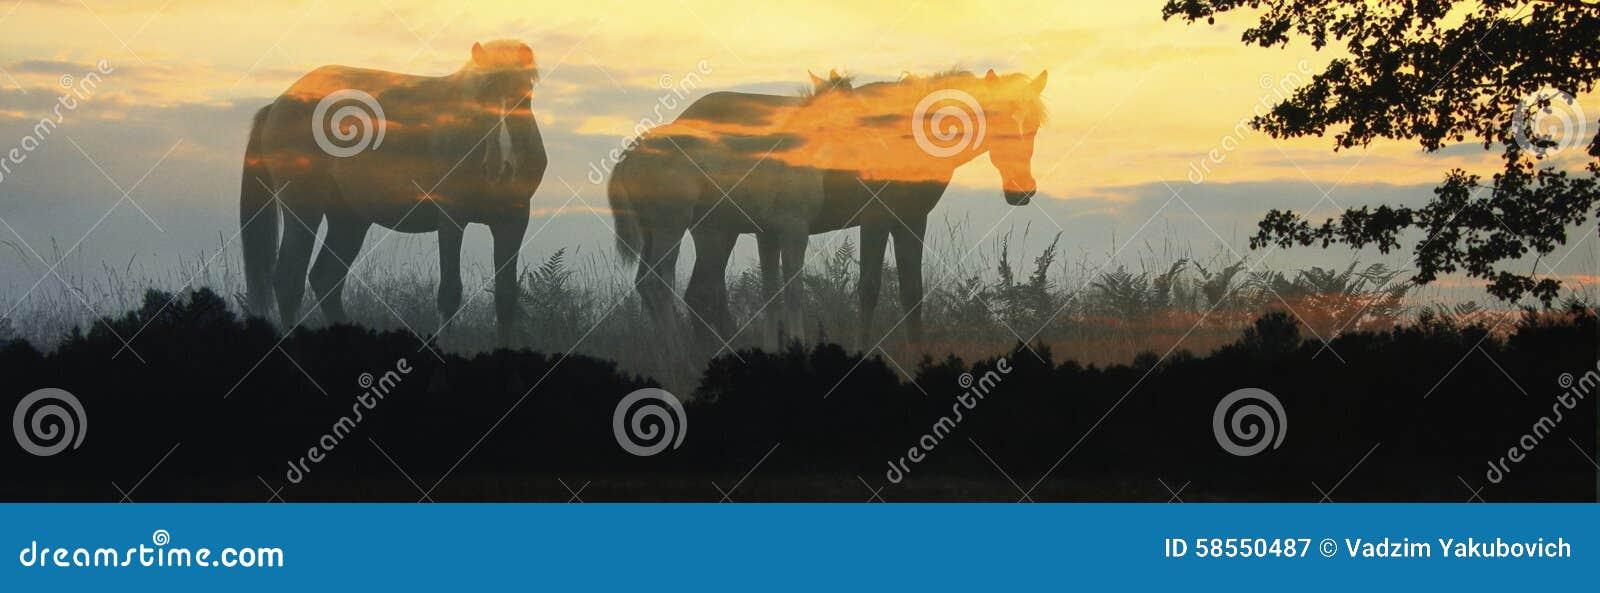 Drie paarden op een achtergrond van de dageraadhemel